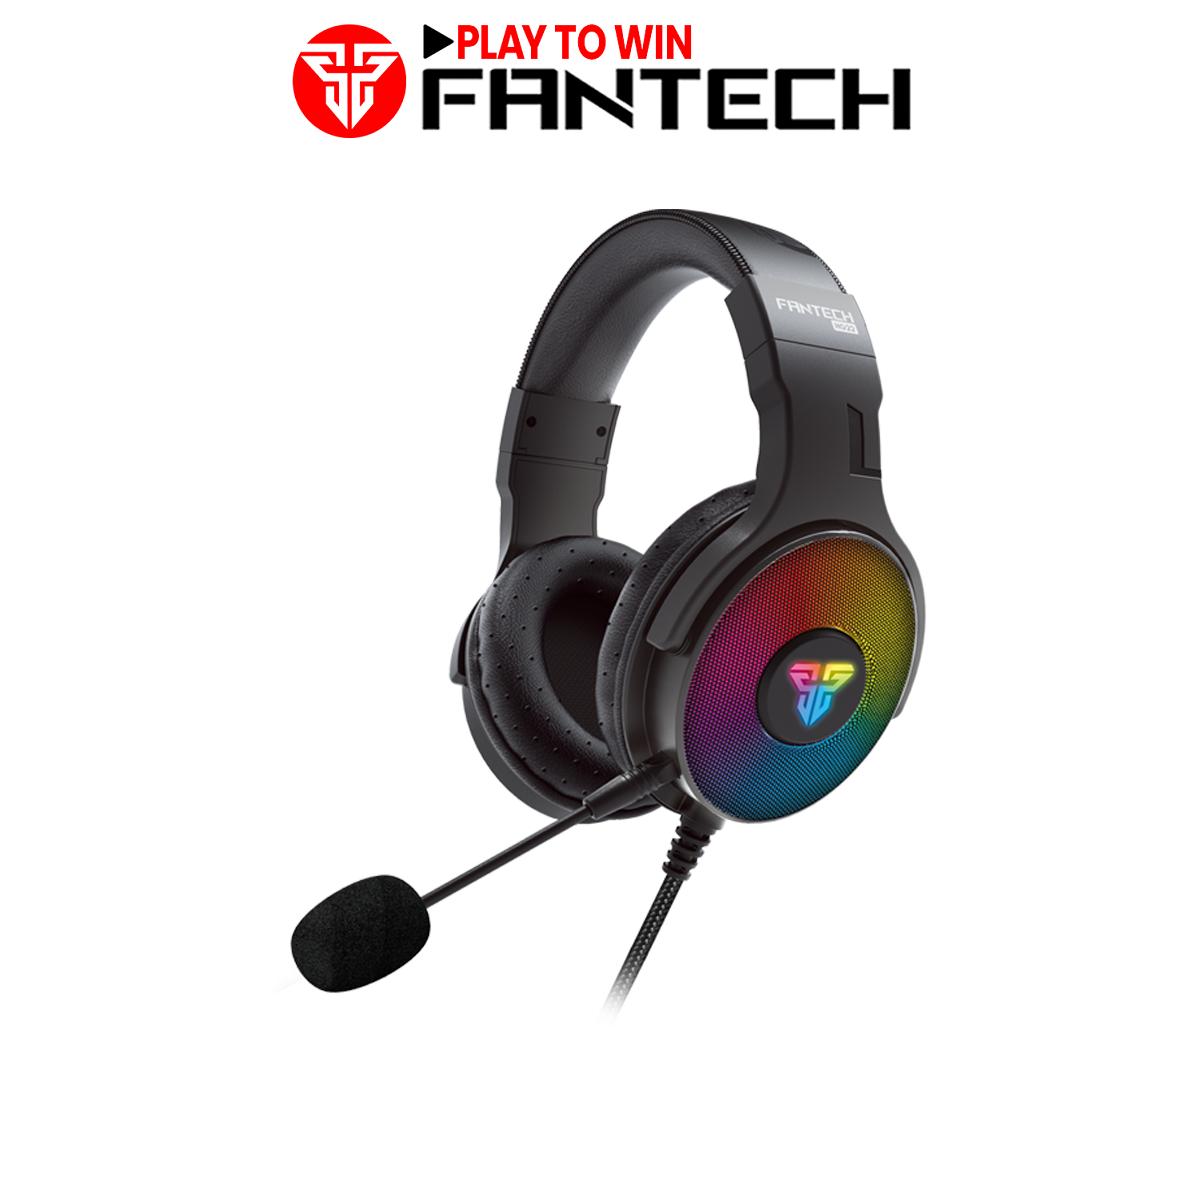 Tai nghe Gaming có dây Fantech HG22 FUSION 7.1 âm thanh vòm, led RGB, jack cắm USB, dùng cho PC và PS4 – Hãng phân phối chính thức